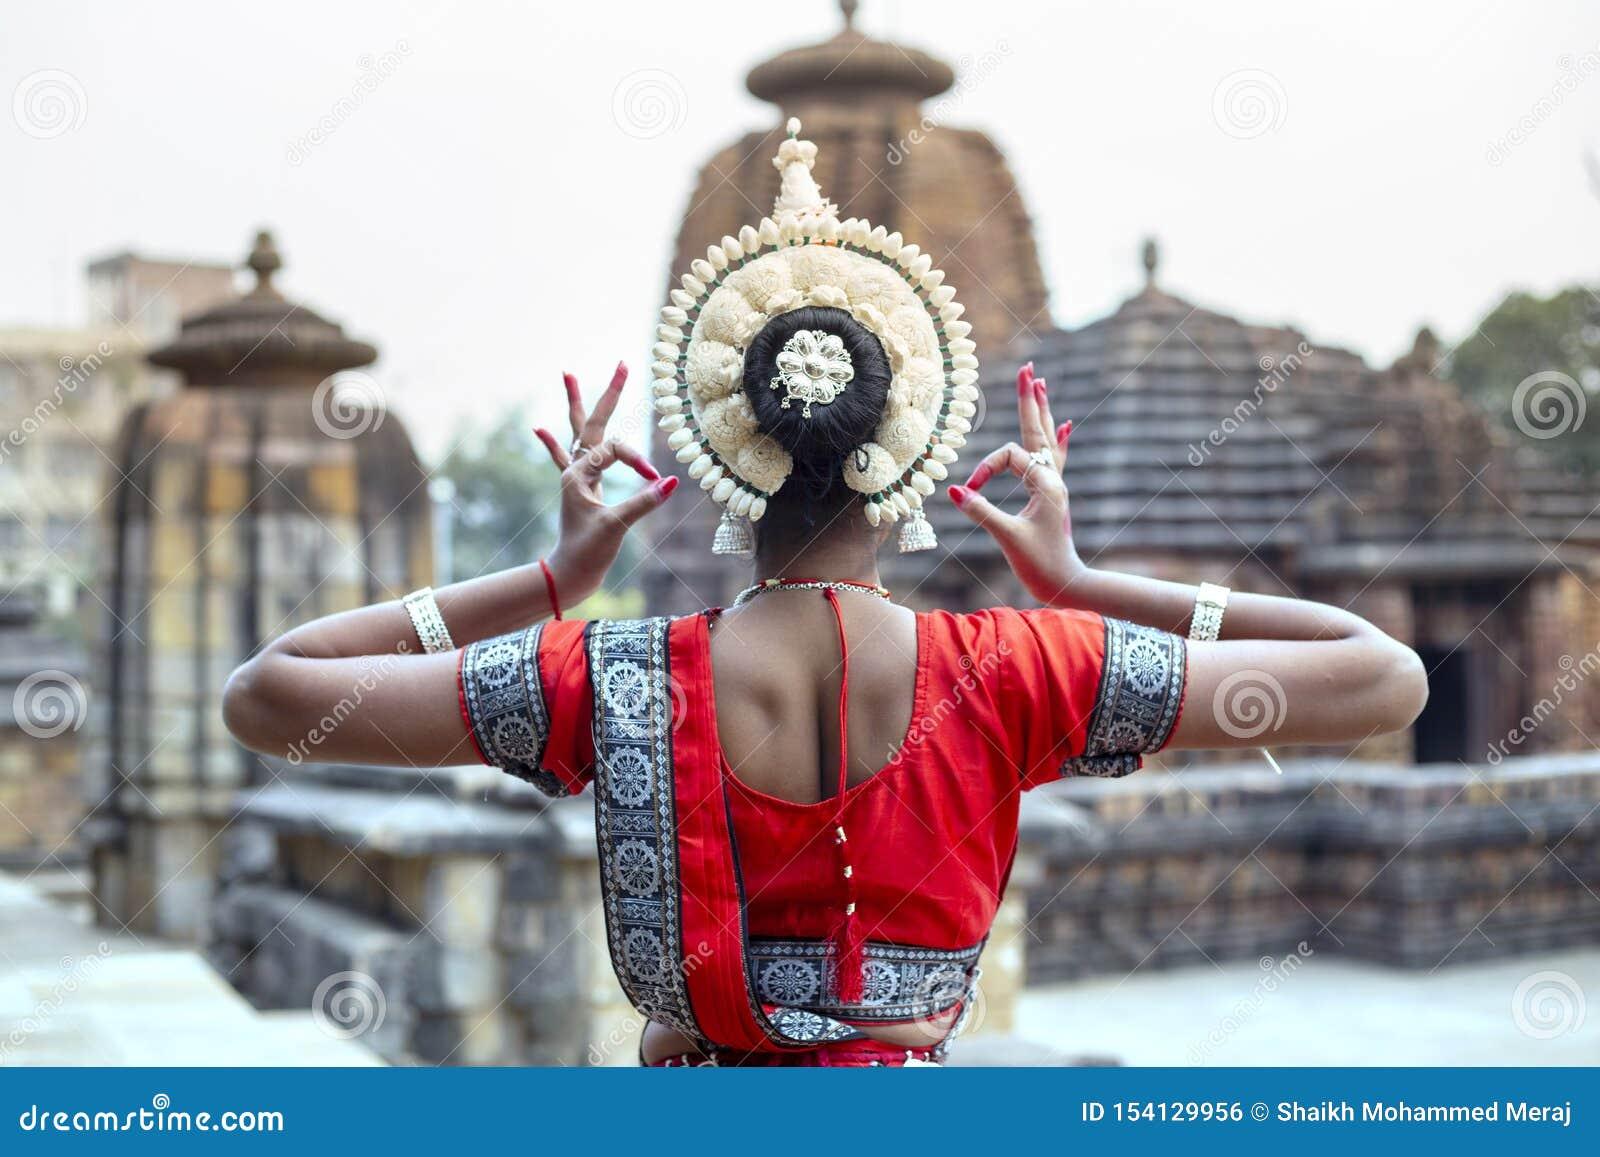 Ο νέος θηλυκός καλλιτέχνης odissi παρουσιάζει εσωτερική ομορφιά της στο ναό Mukteshvara, Bhubaneswar, Odisha, Ινδία